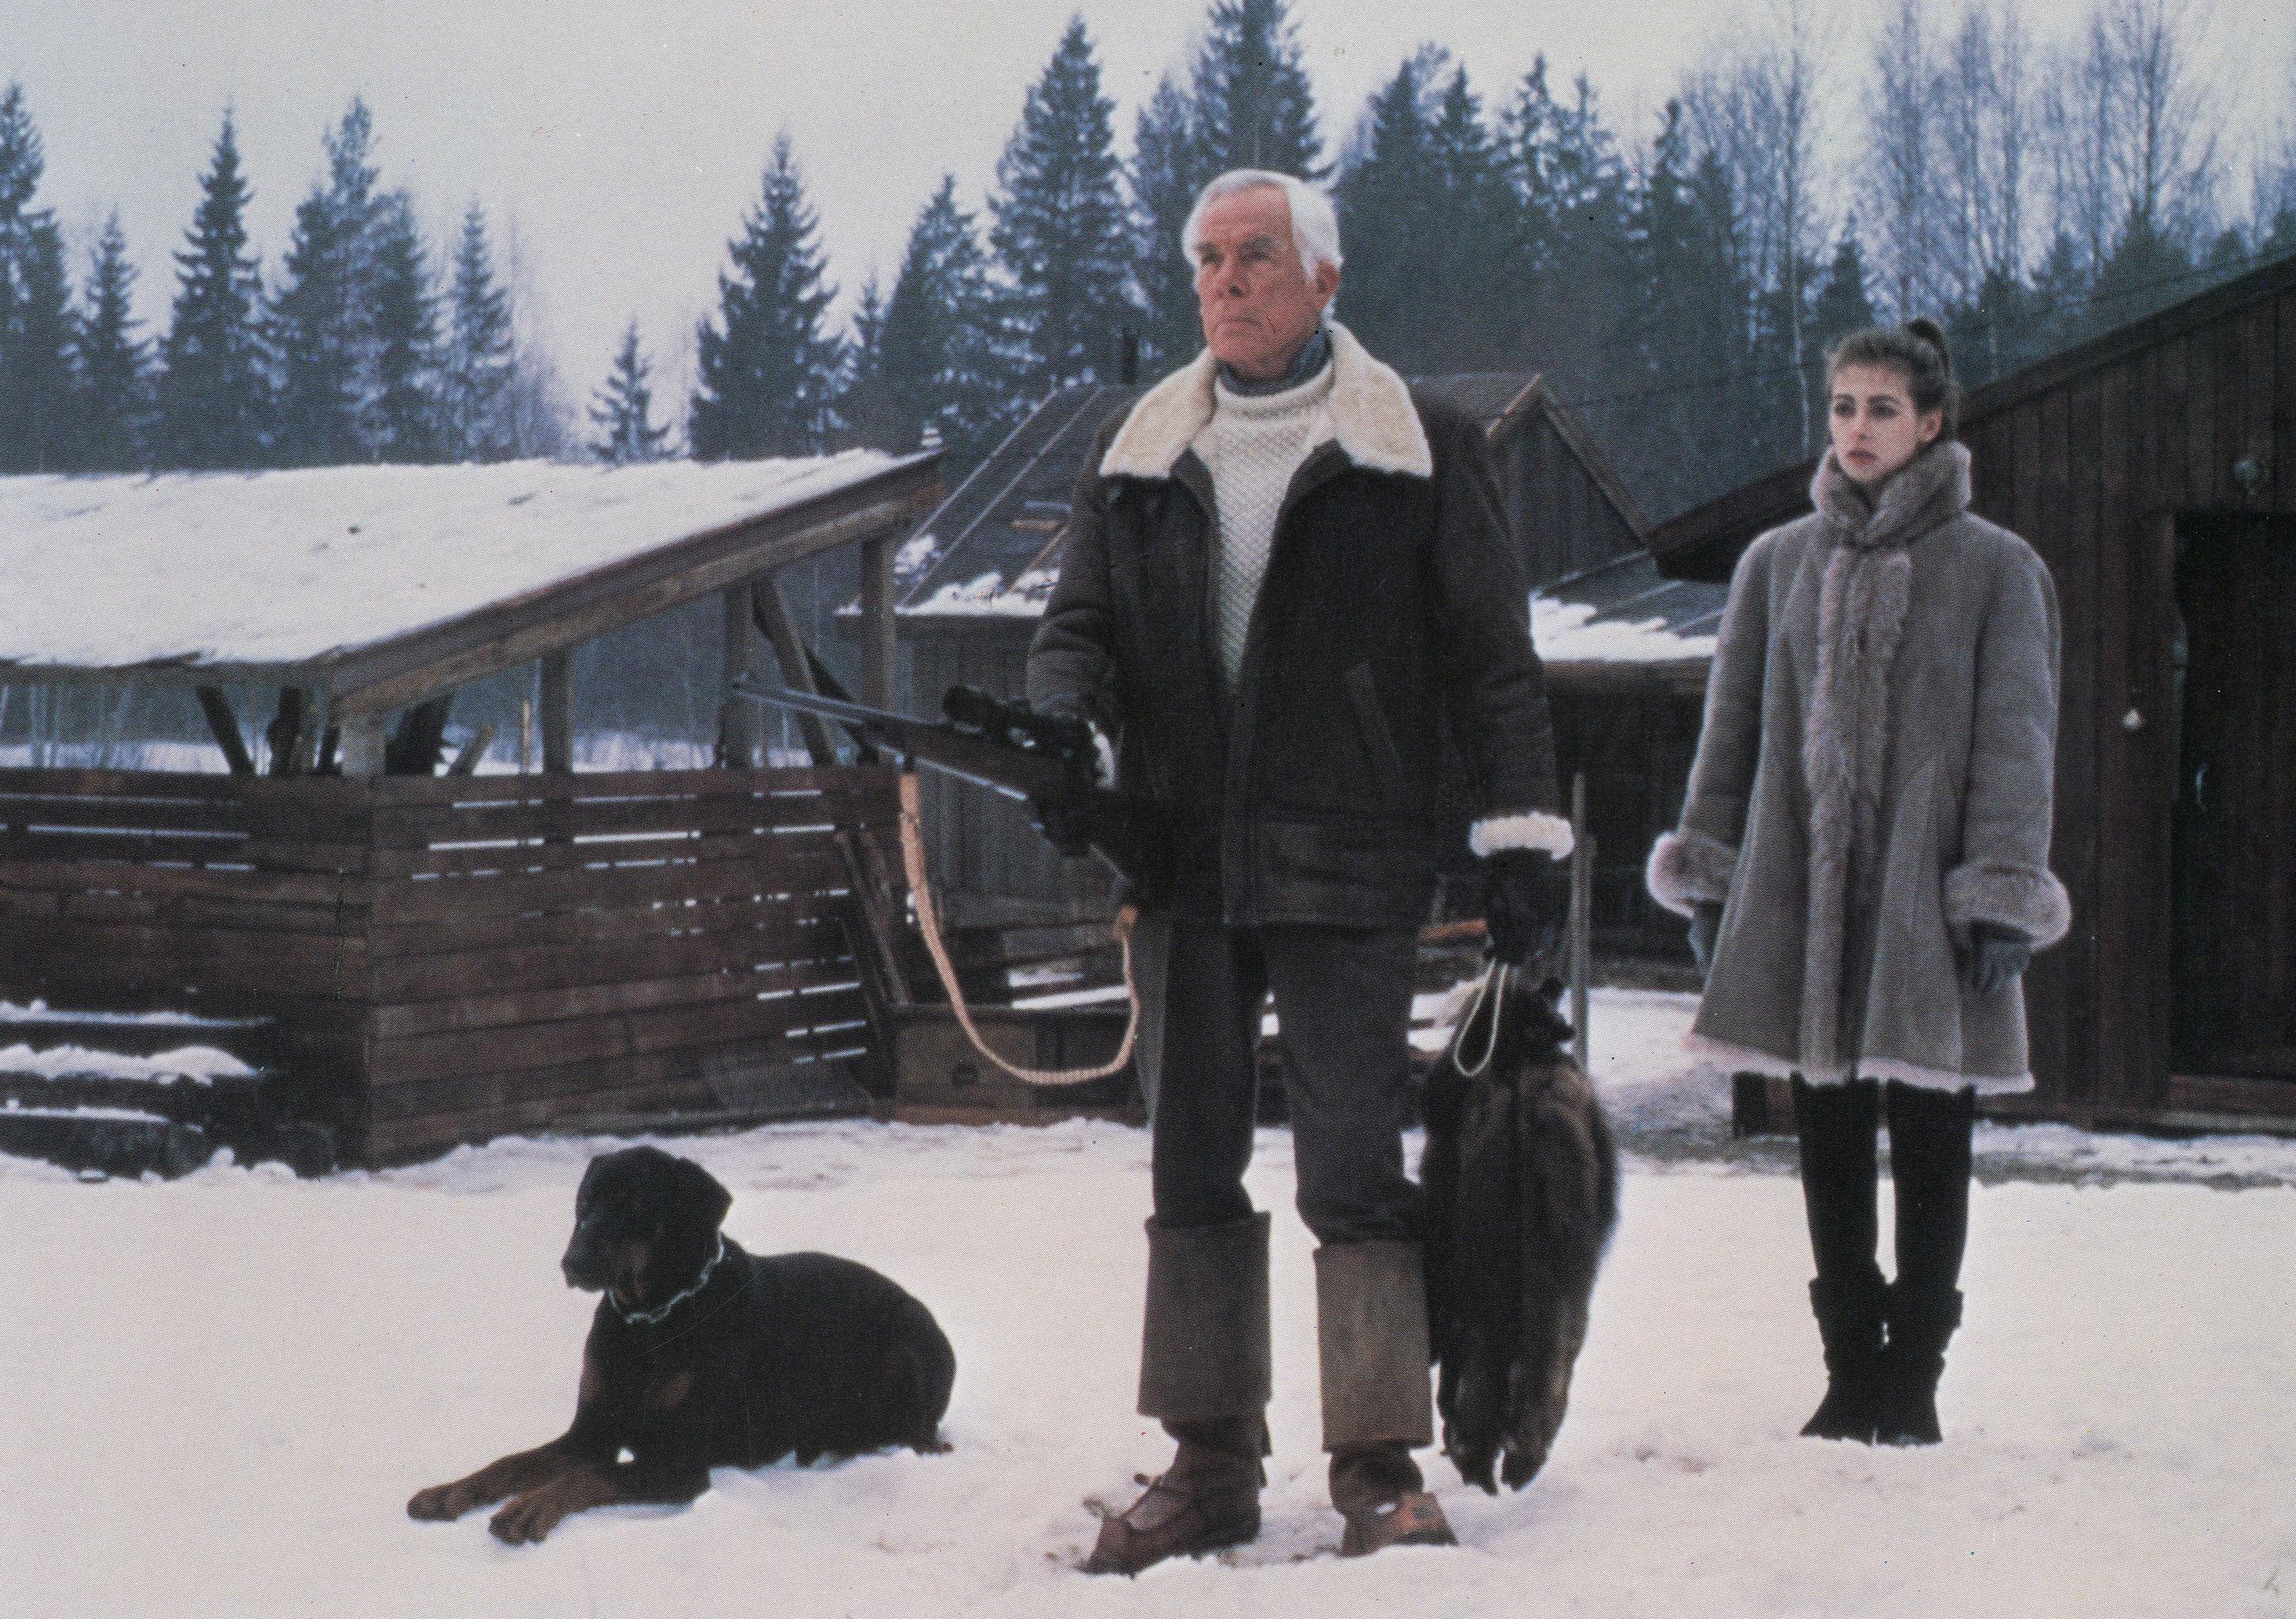 Gorky park (1983) de Michael Apted